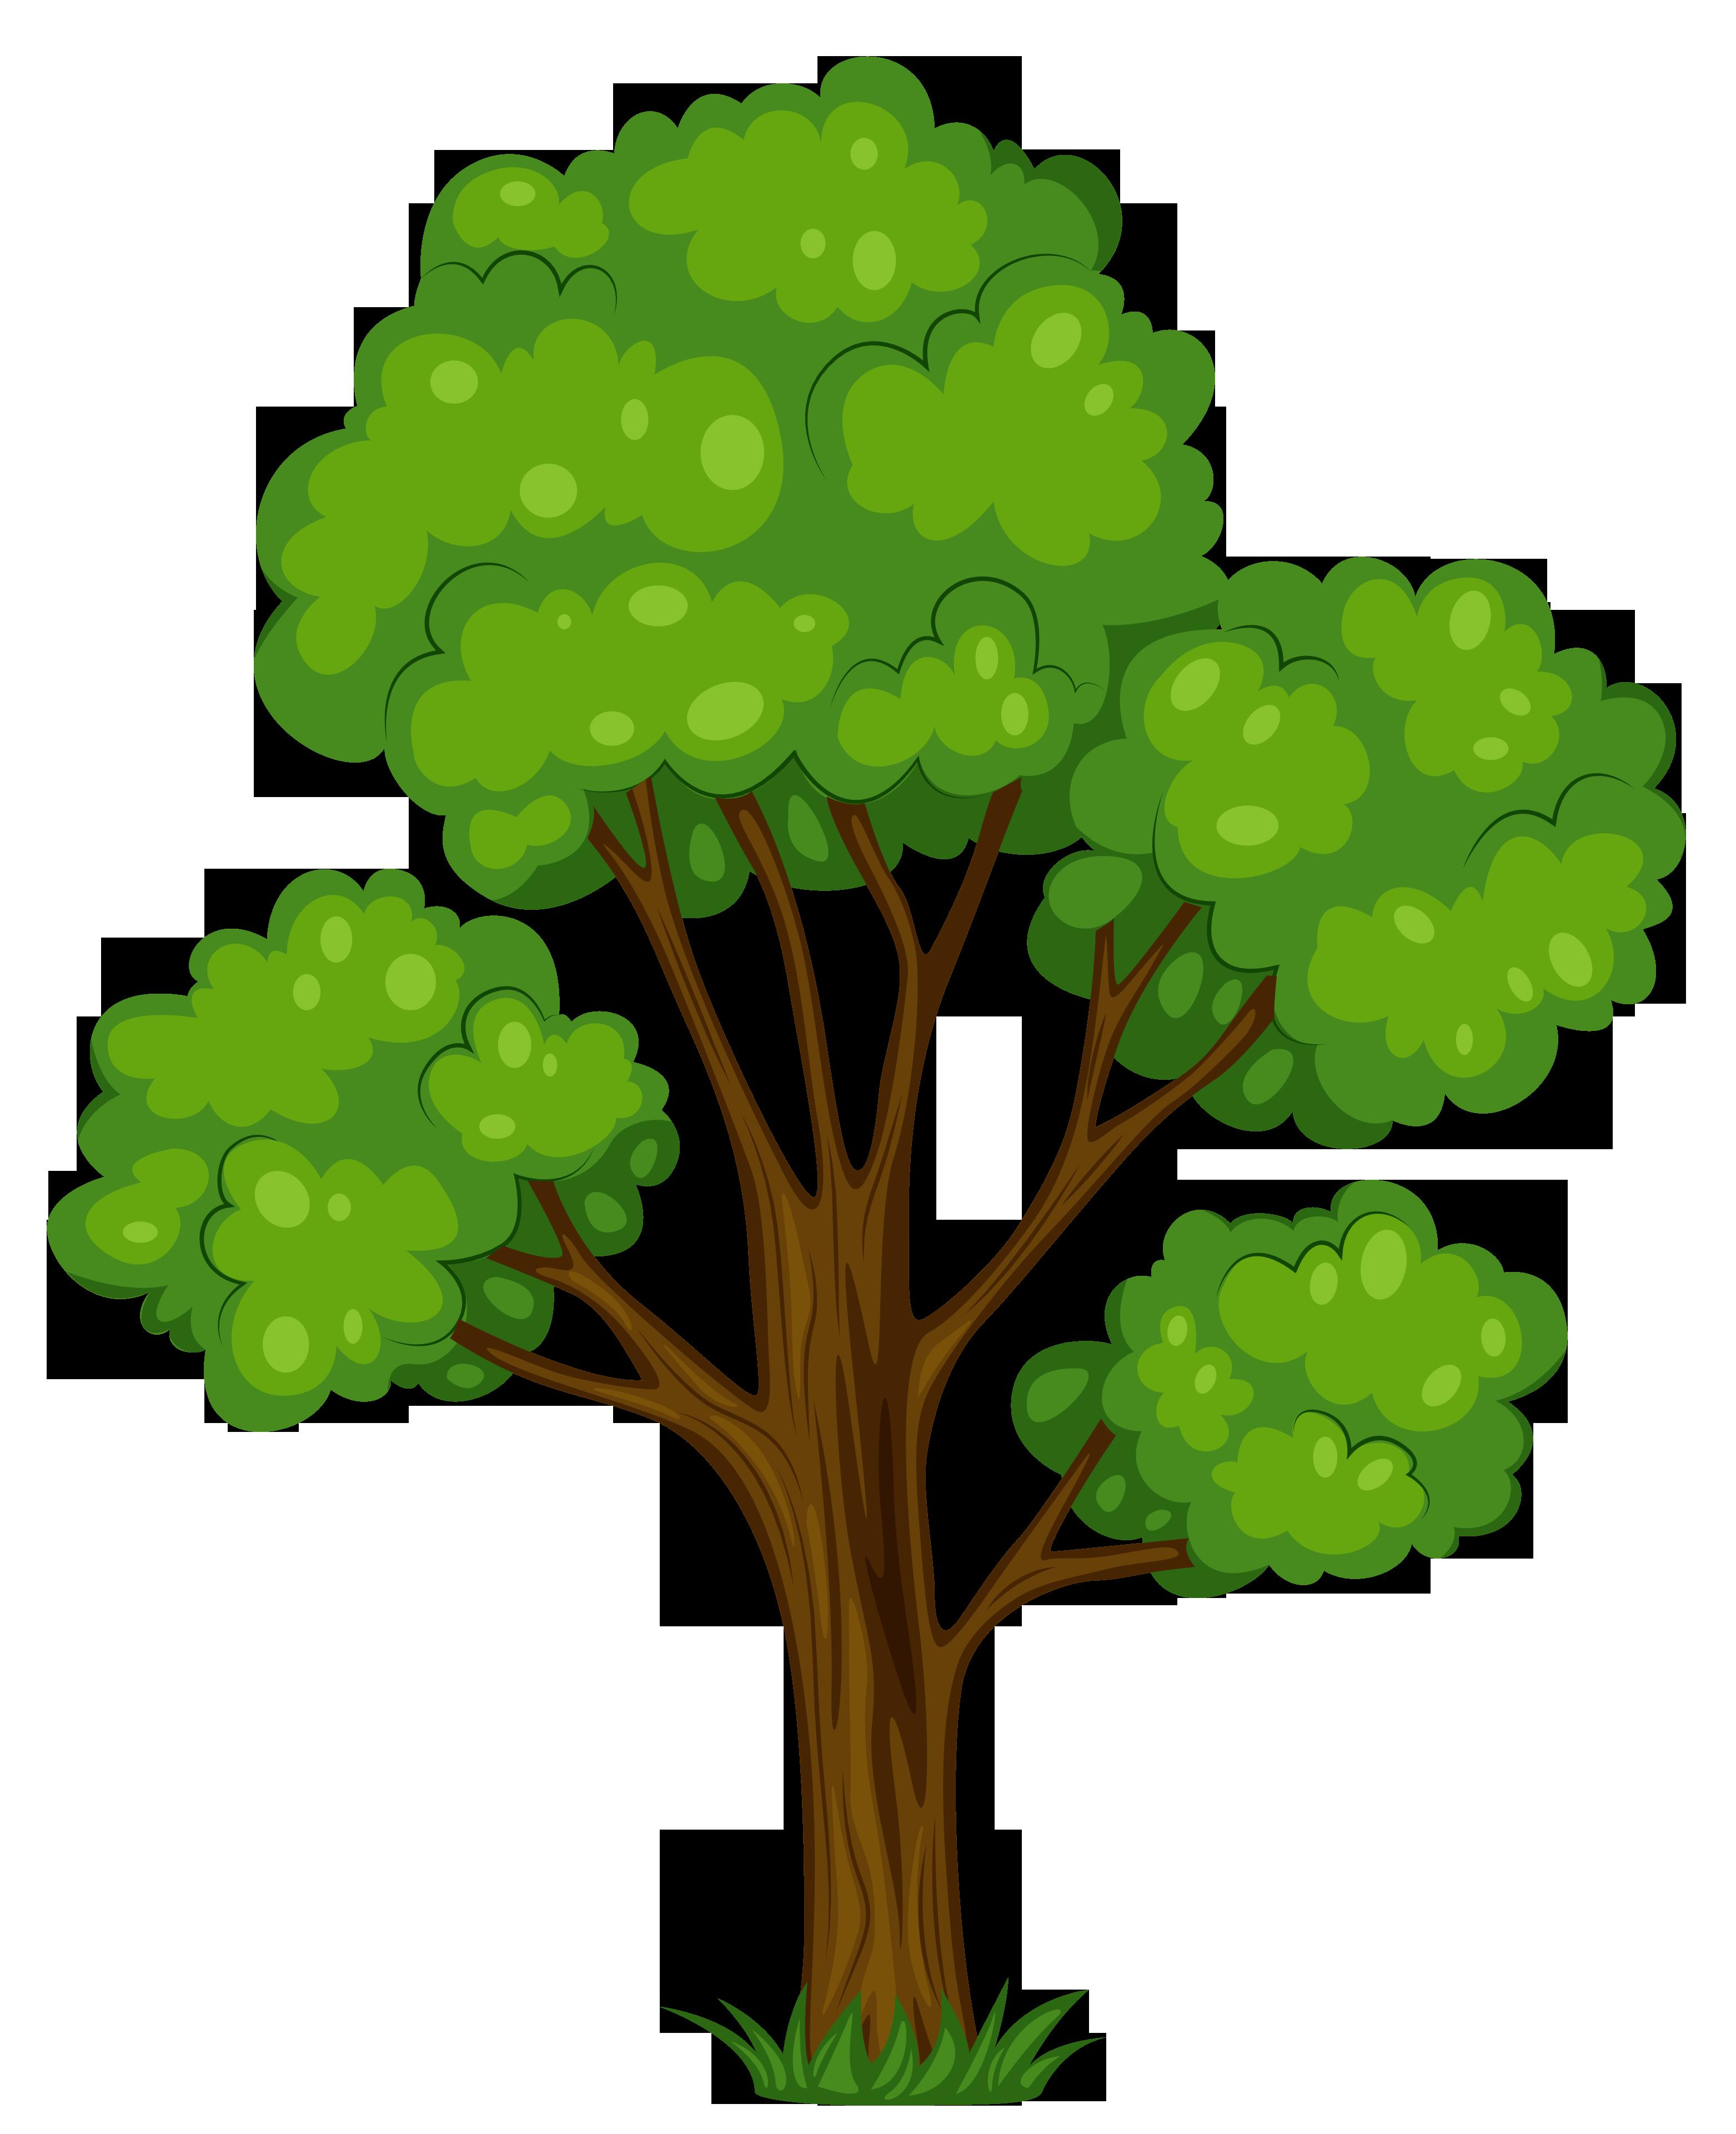 Tree Clipart-Tree Clipart-5